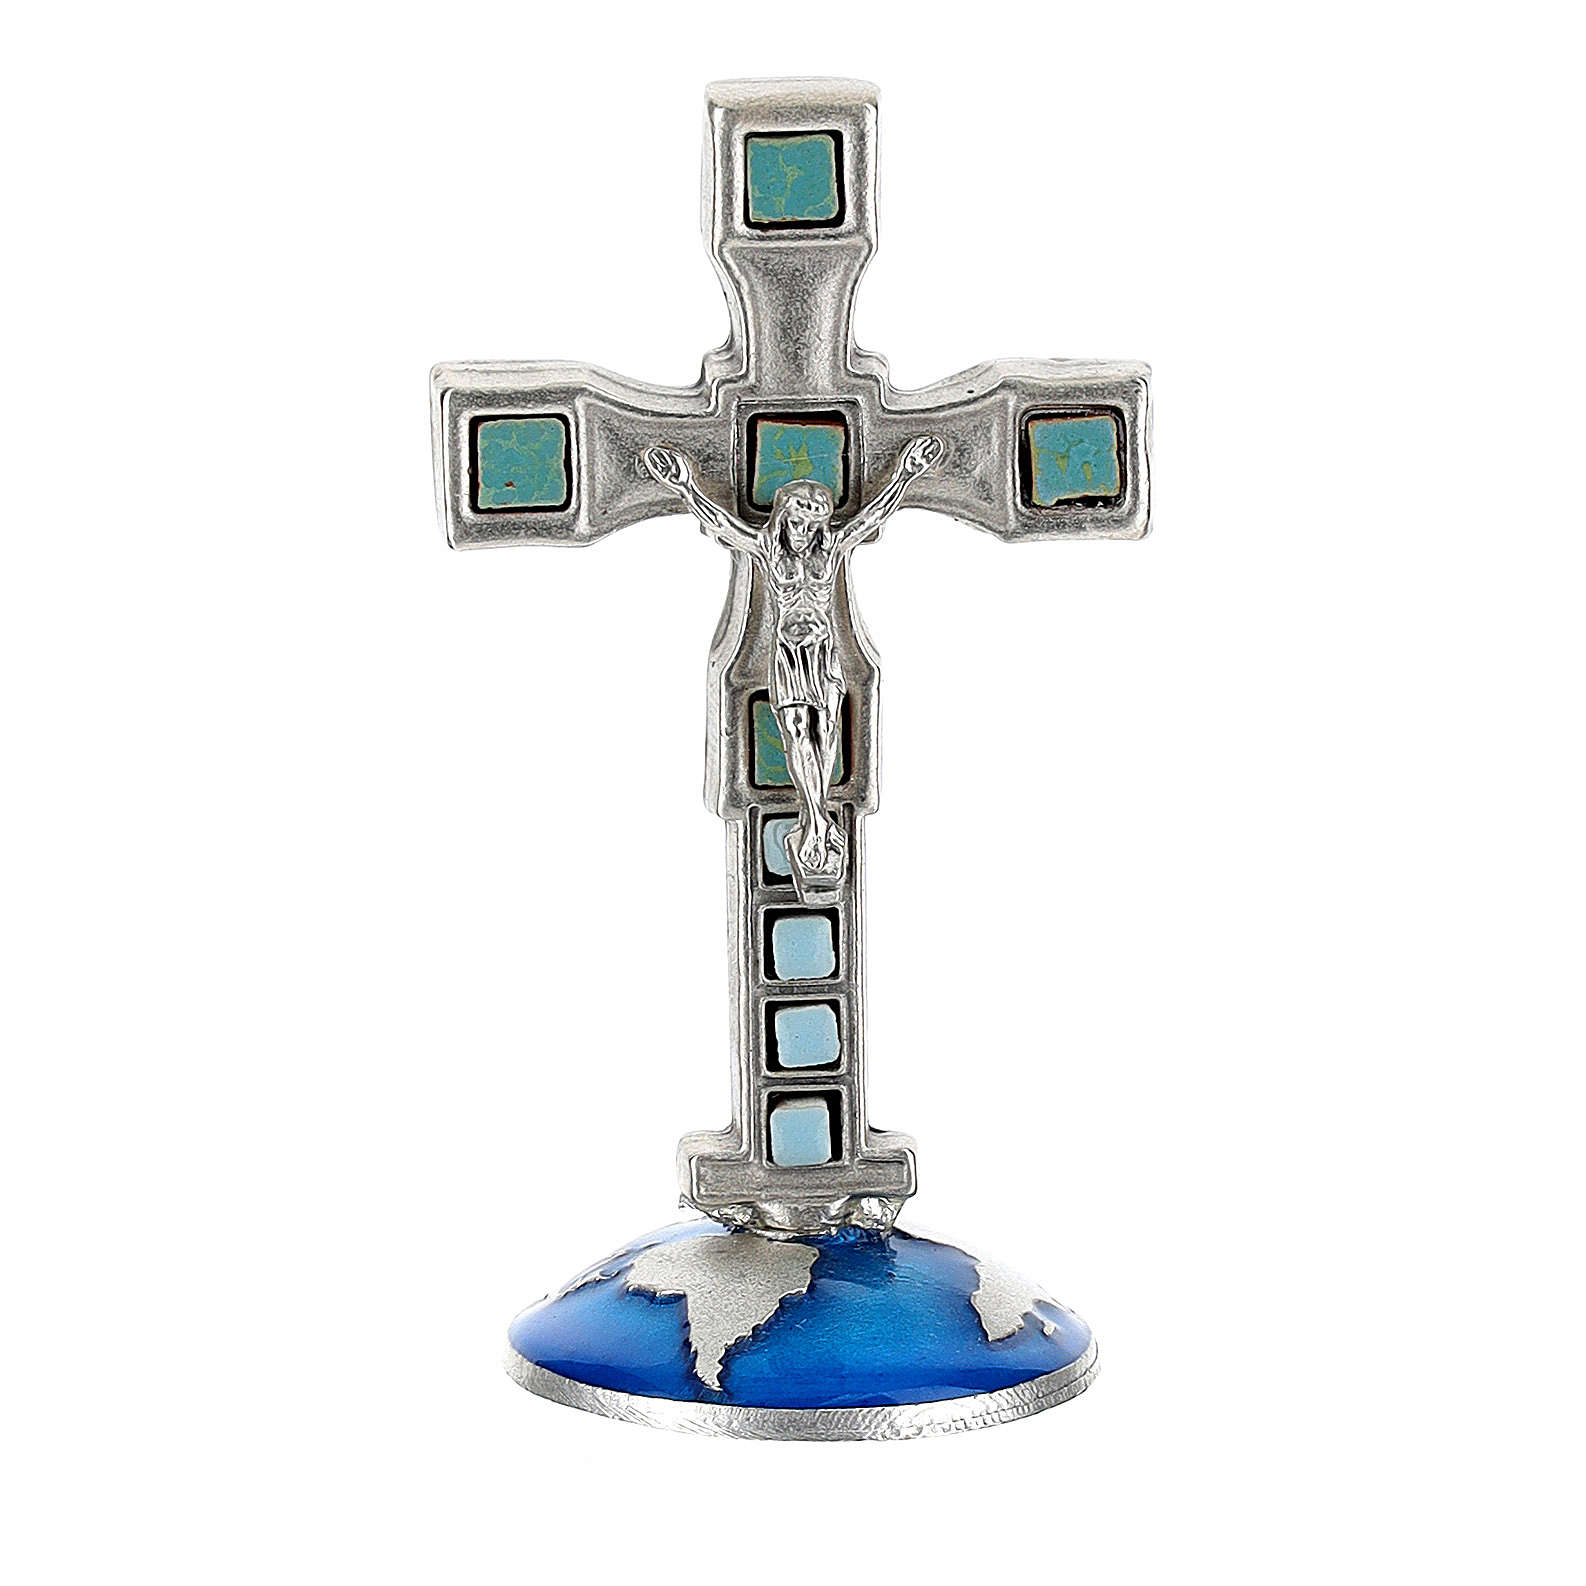 Croce con base mappamondo 8 cm in zama 4